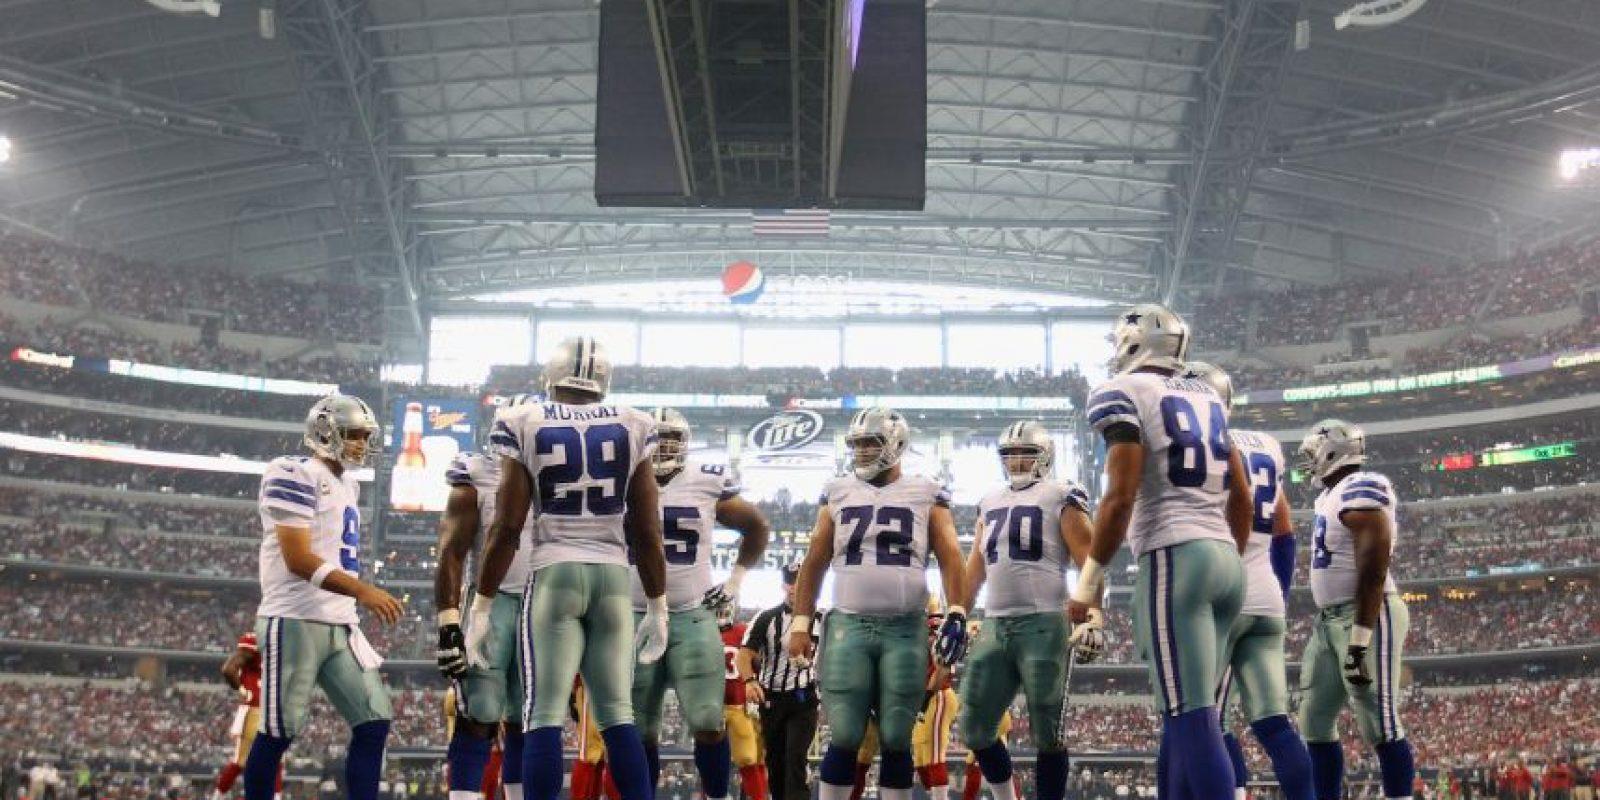 Los Vaqueros son la franquicia más popular de la NFL. En 55 años de historia, han ganado 5 Súper Bowl. Foto:Getty Images